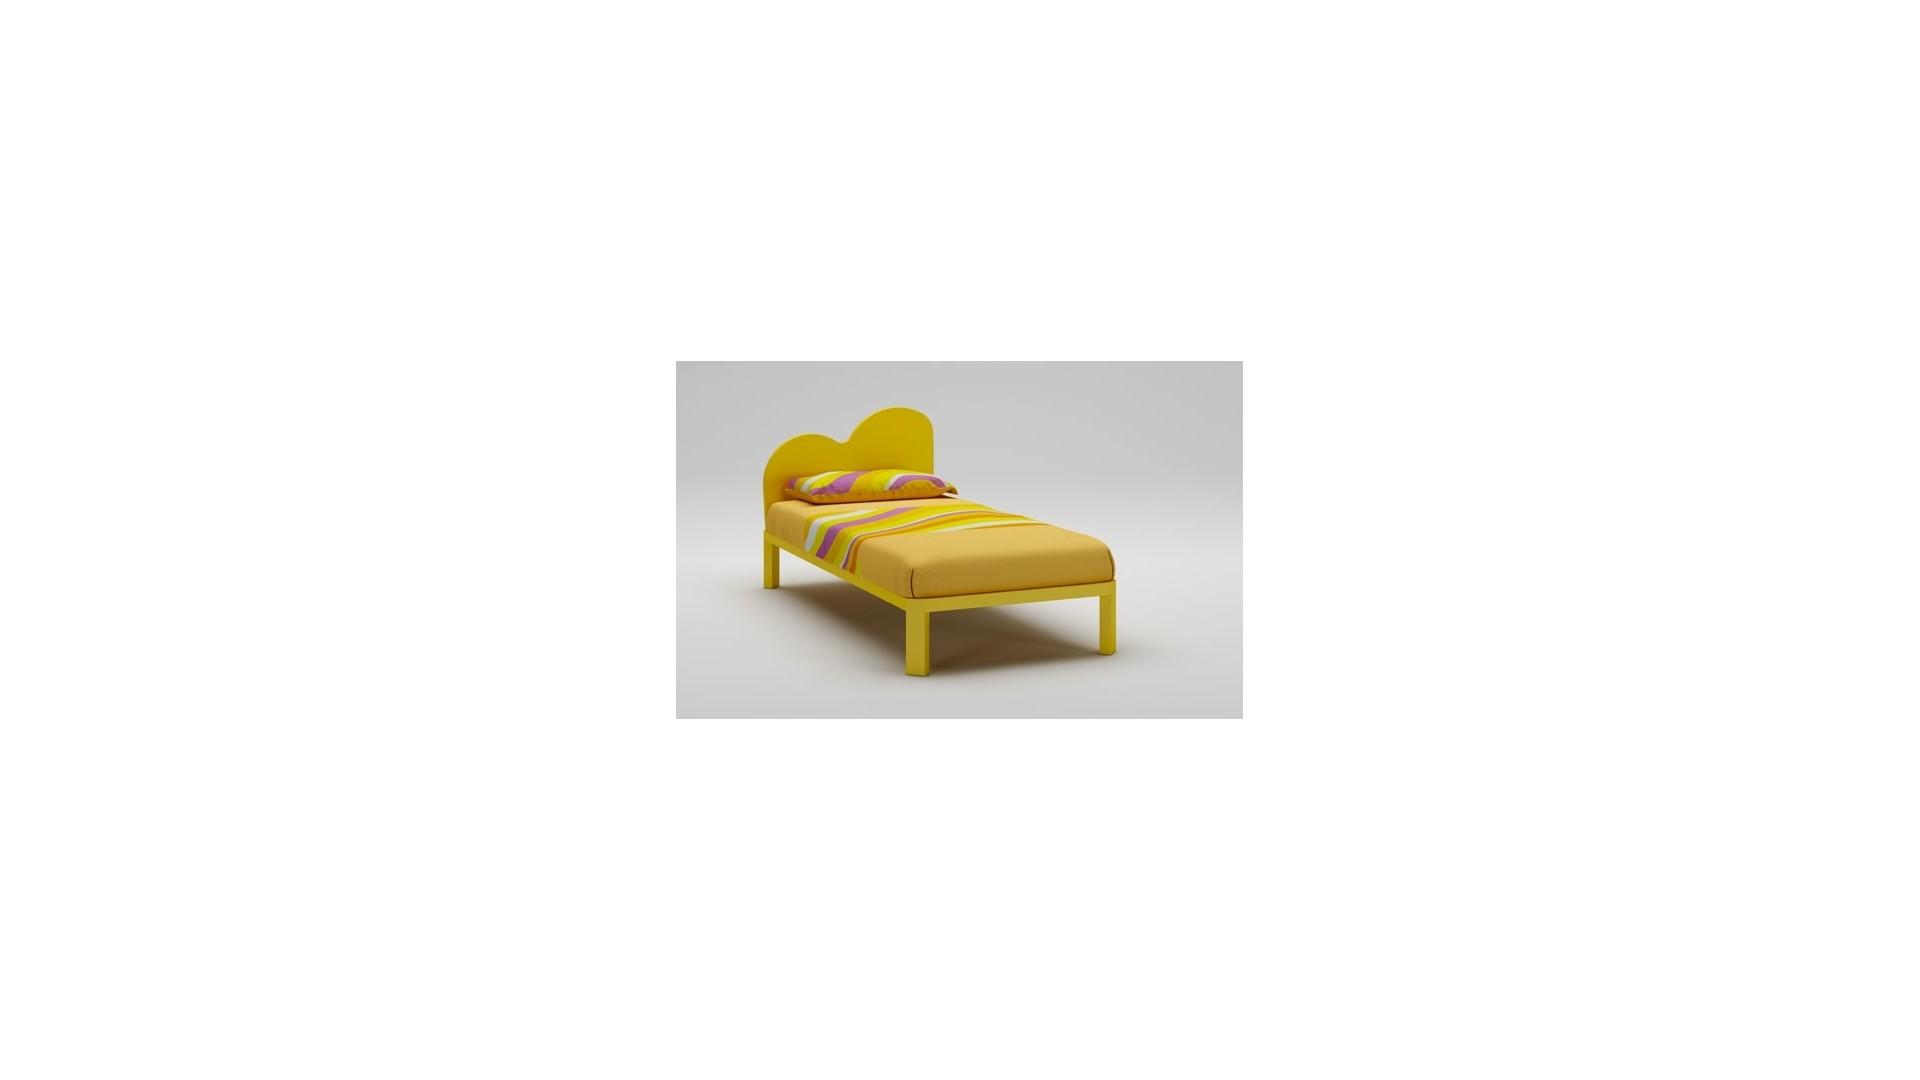 Lit enfant PERSONNALISABLE WL032 de 90 x 200 couleur jaune soleil - MORETTI COMPACT